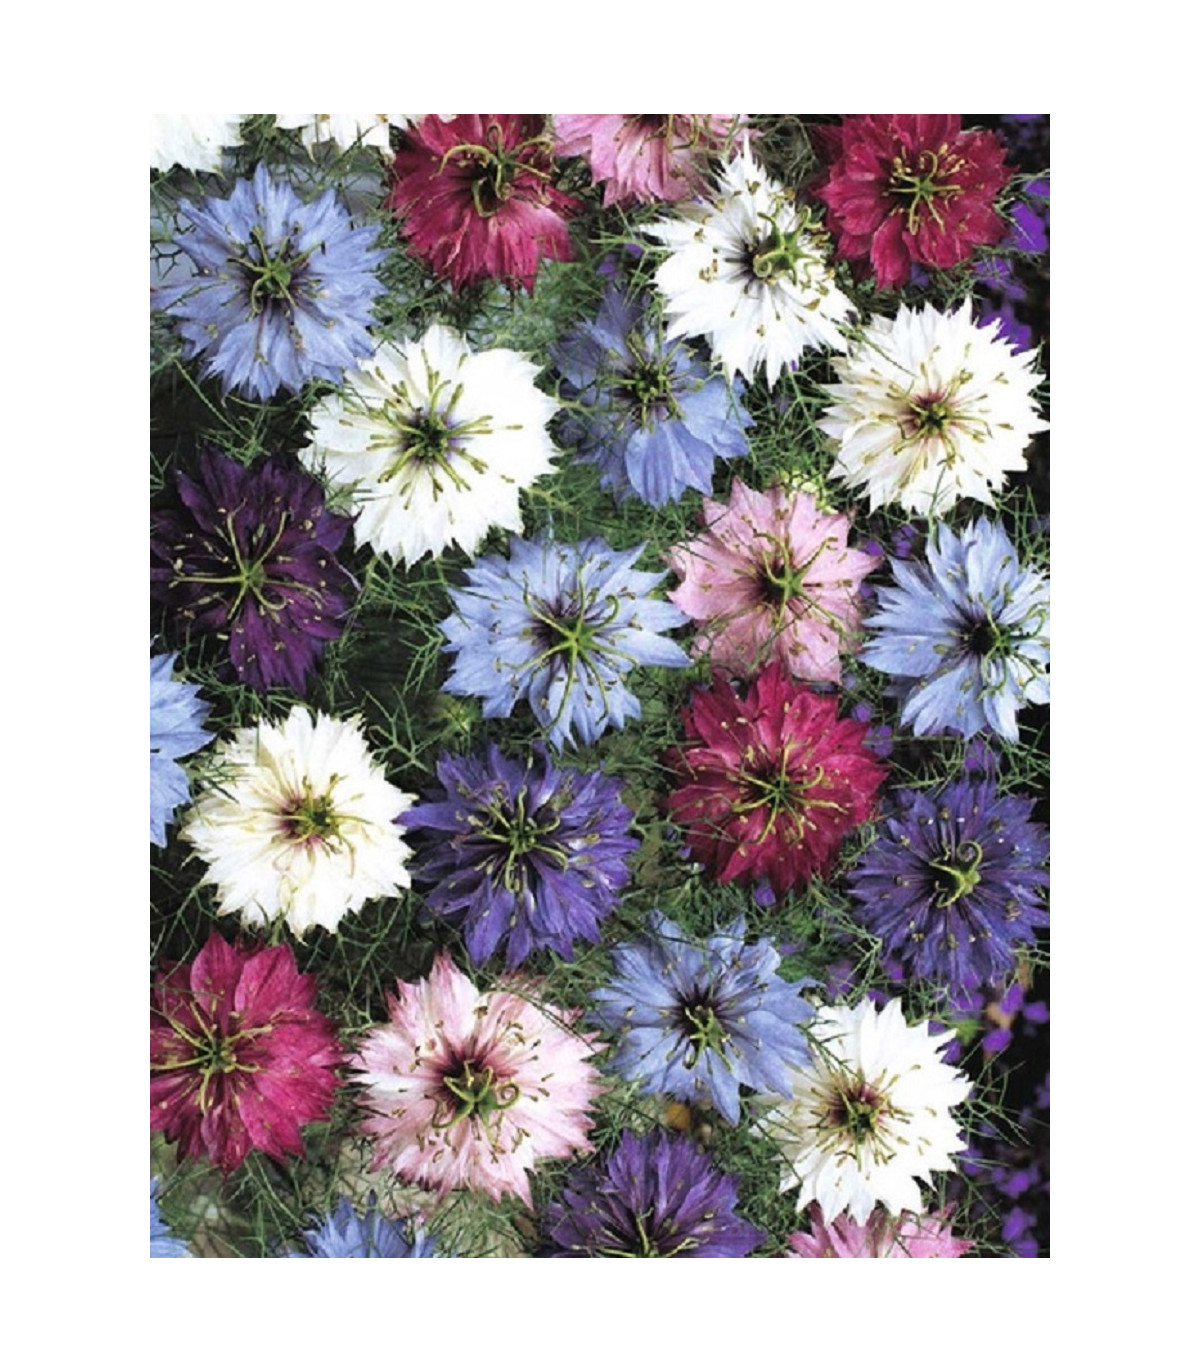 Černucha damašská směs - Nigella damascena - semena černuchy - 25 ks